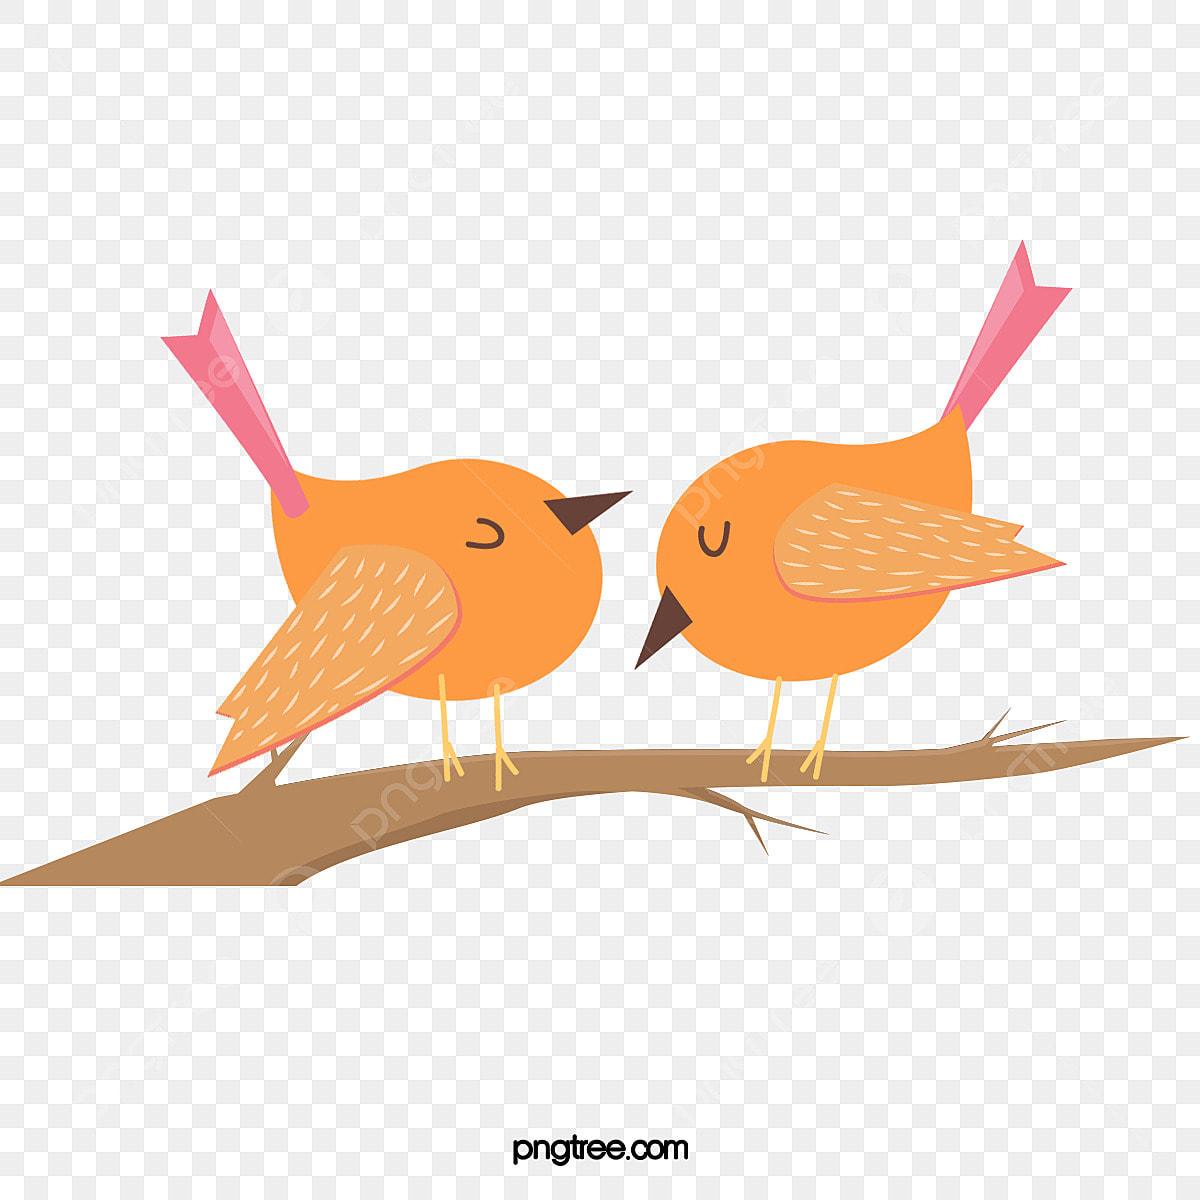 Jolie Illustration D Oiseau Sur Une Branche De Dessin Anime